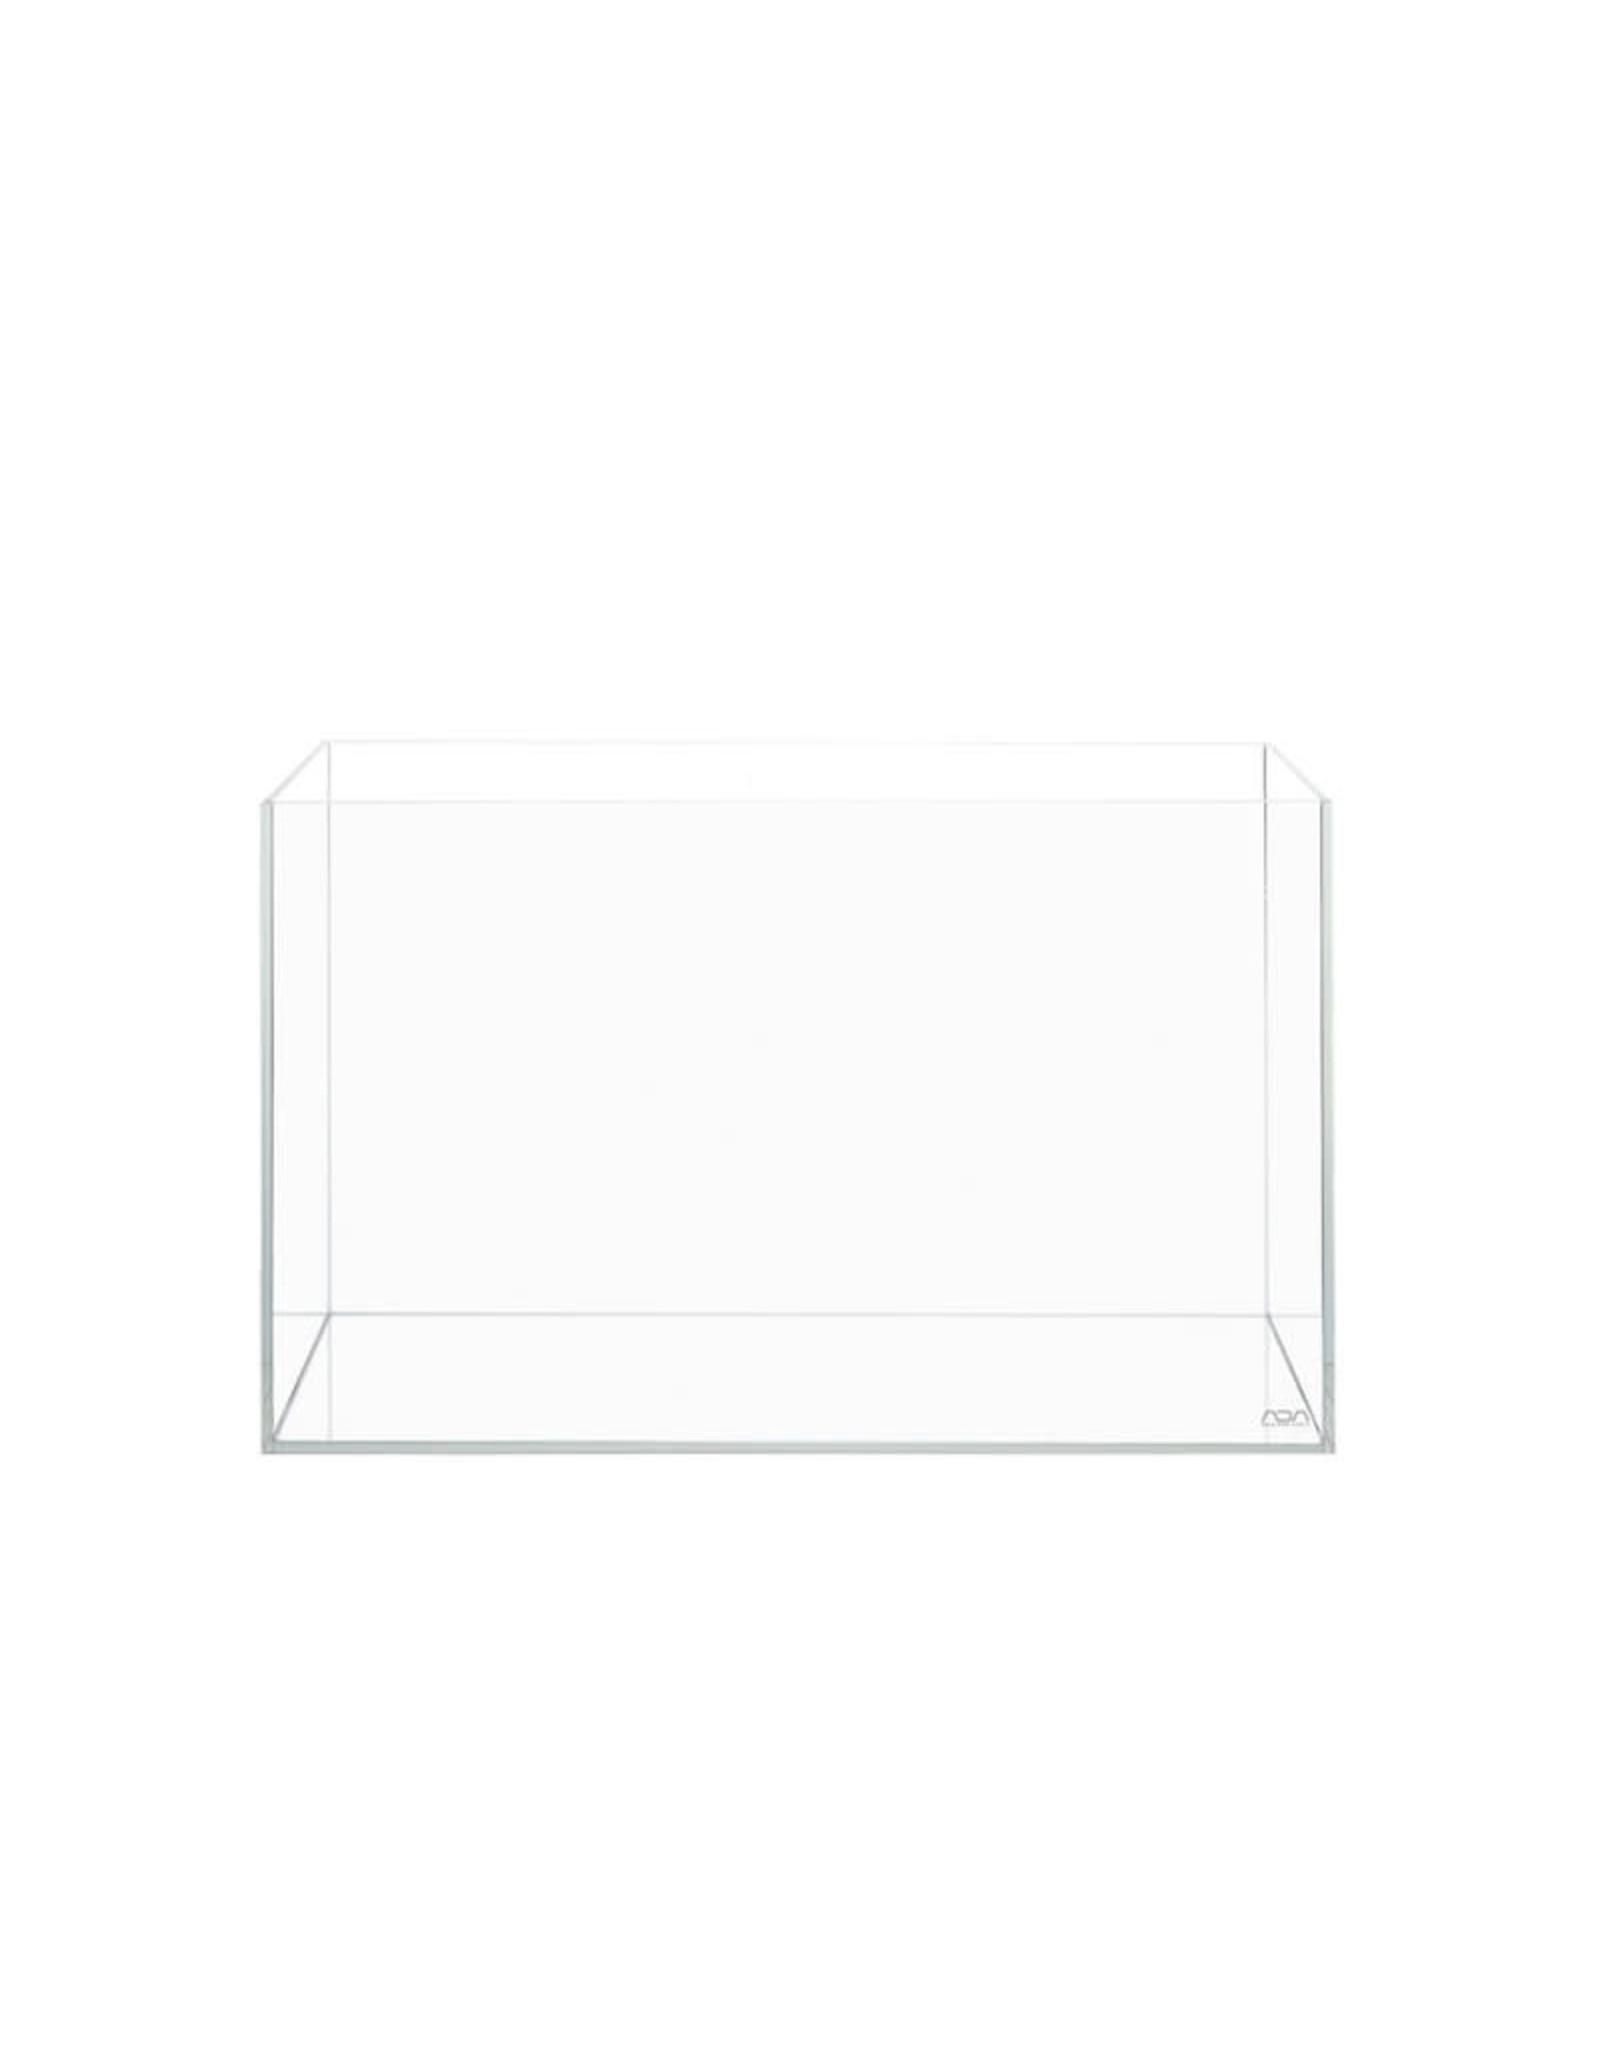 ADA Cube Garden 60-P (60x30x36cm/6mm) incl. 4 hooks